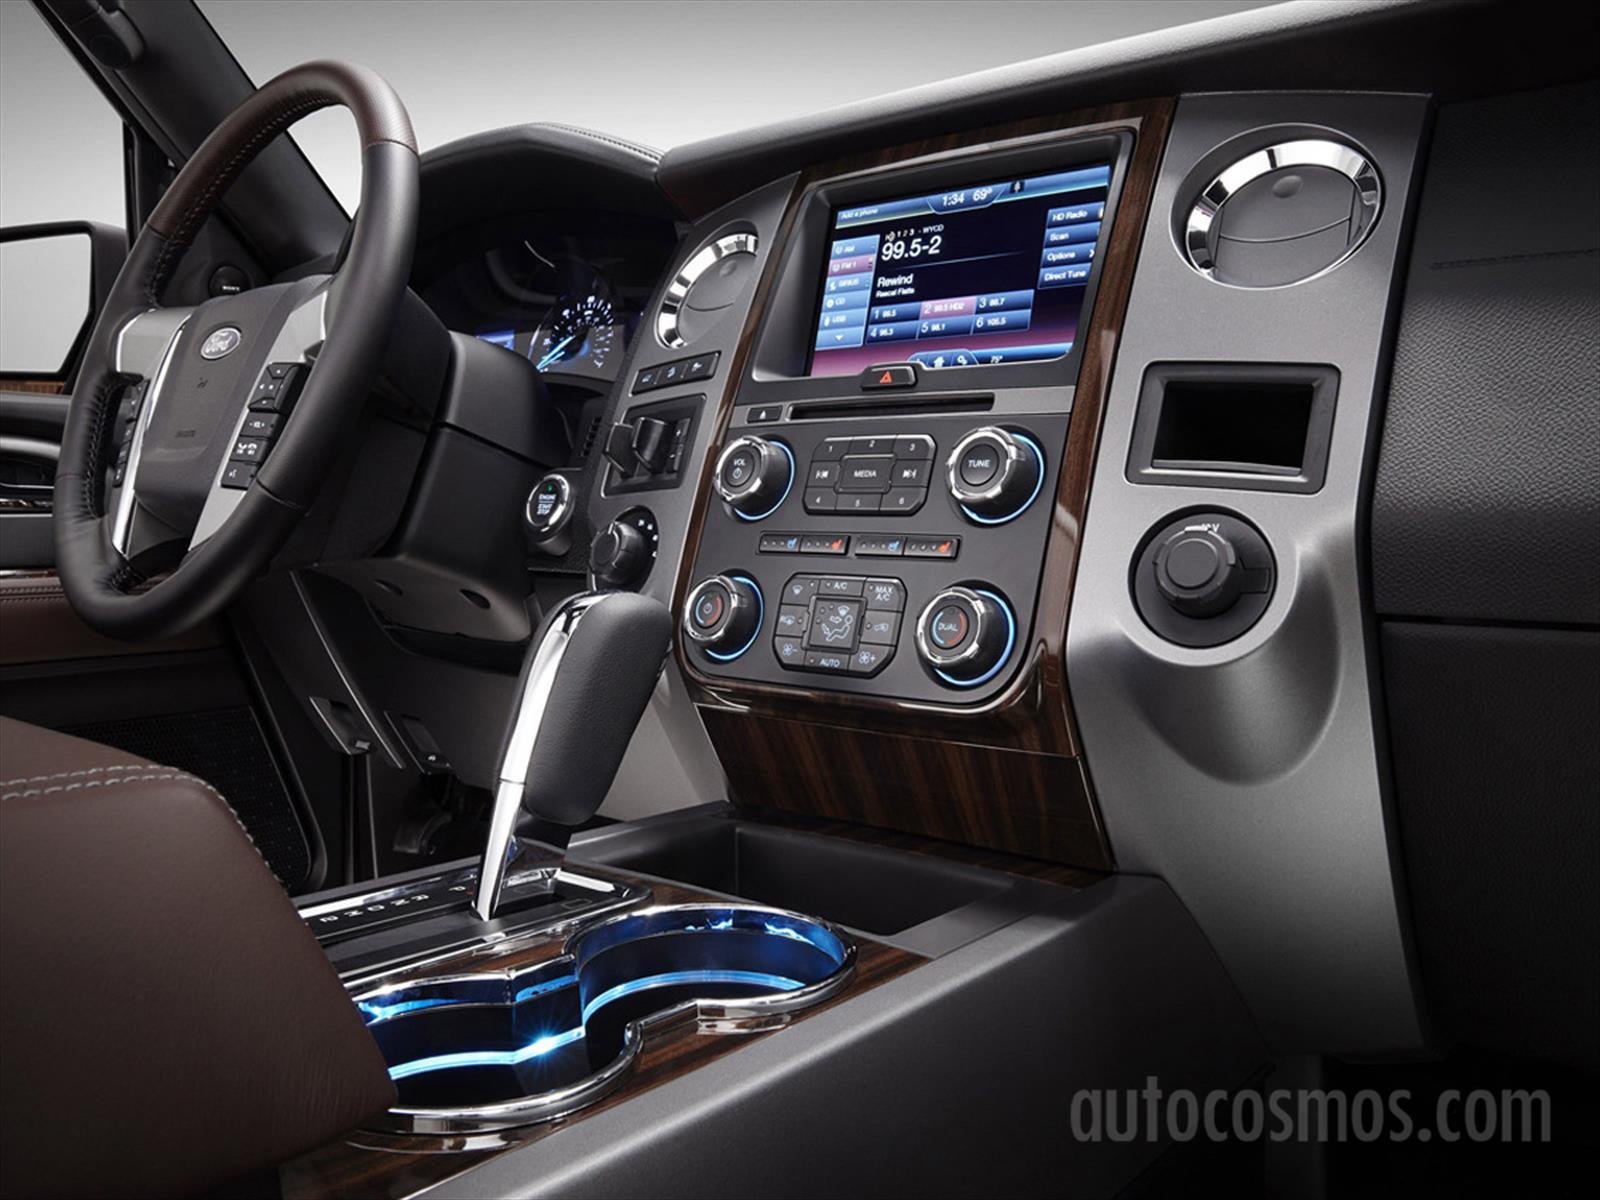 Ford Expedition 2015 se presenta en México - Autocosmos.com